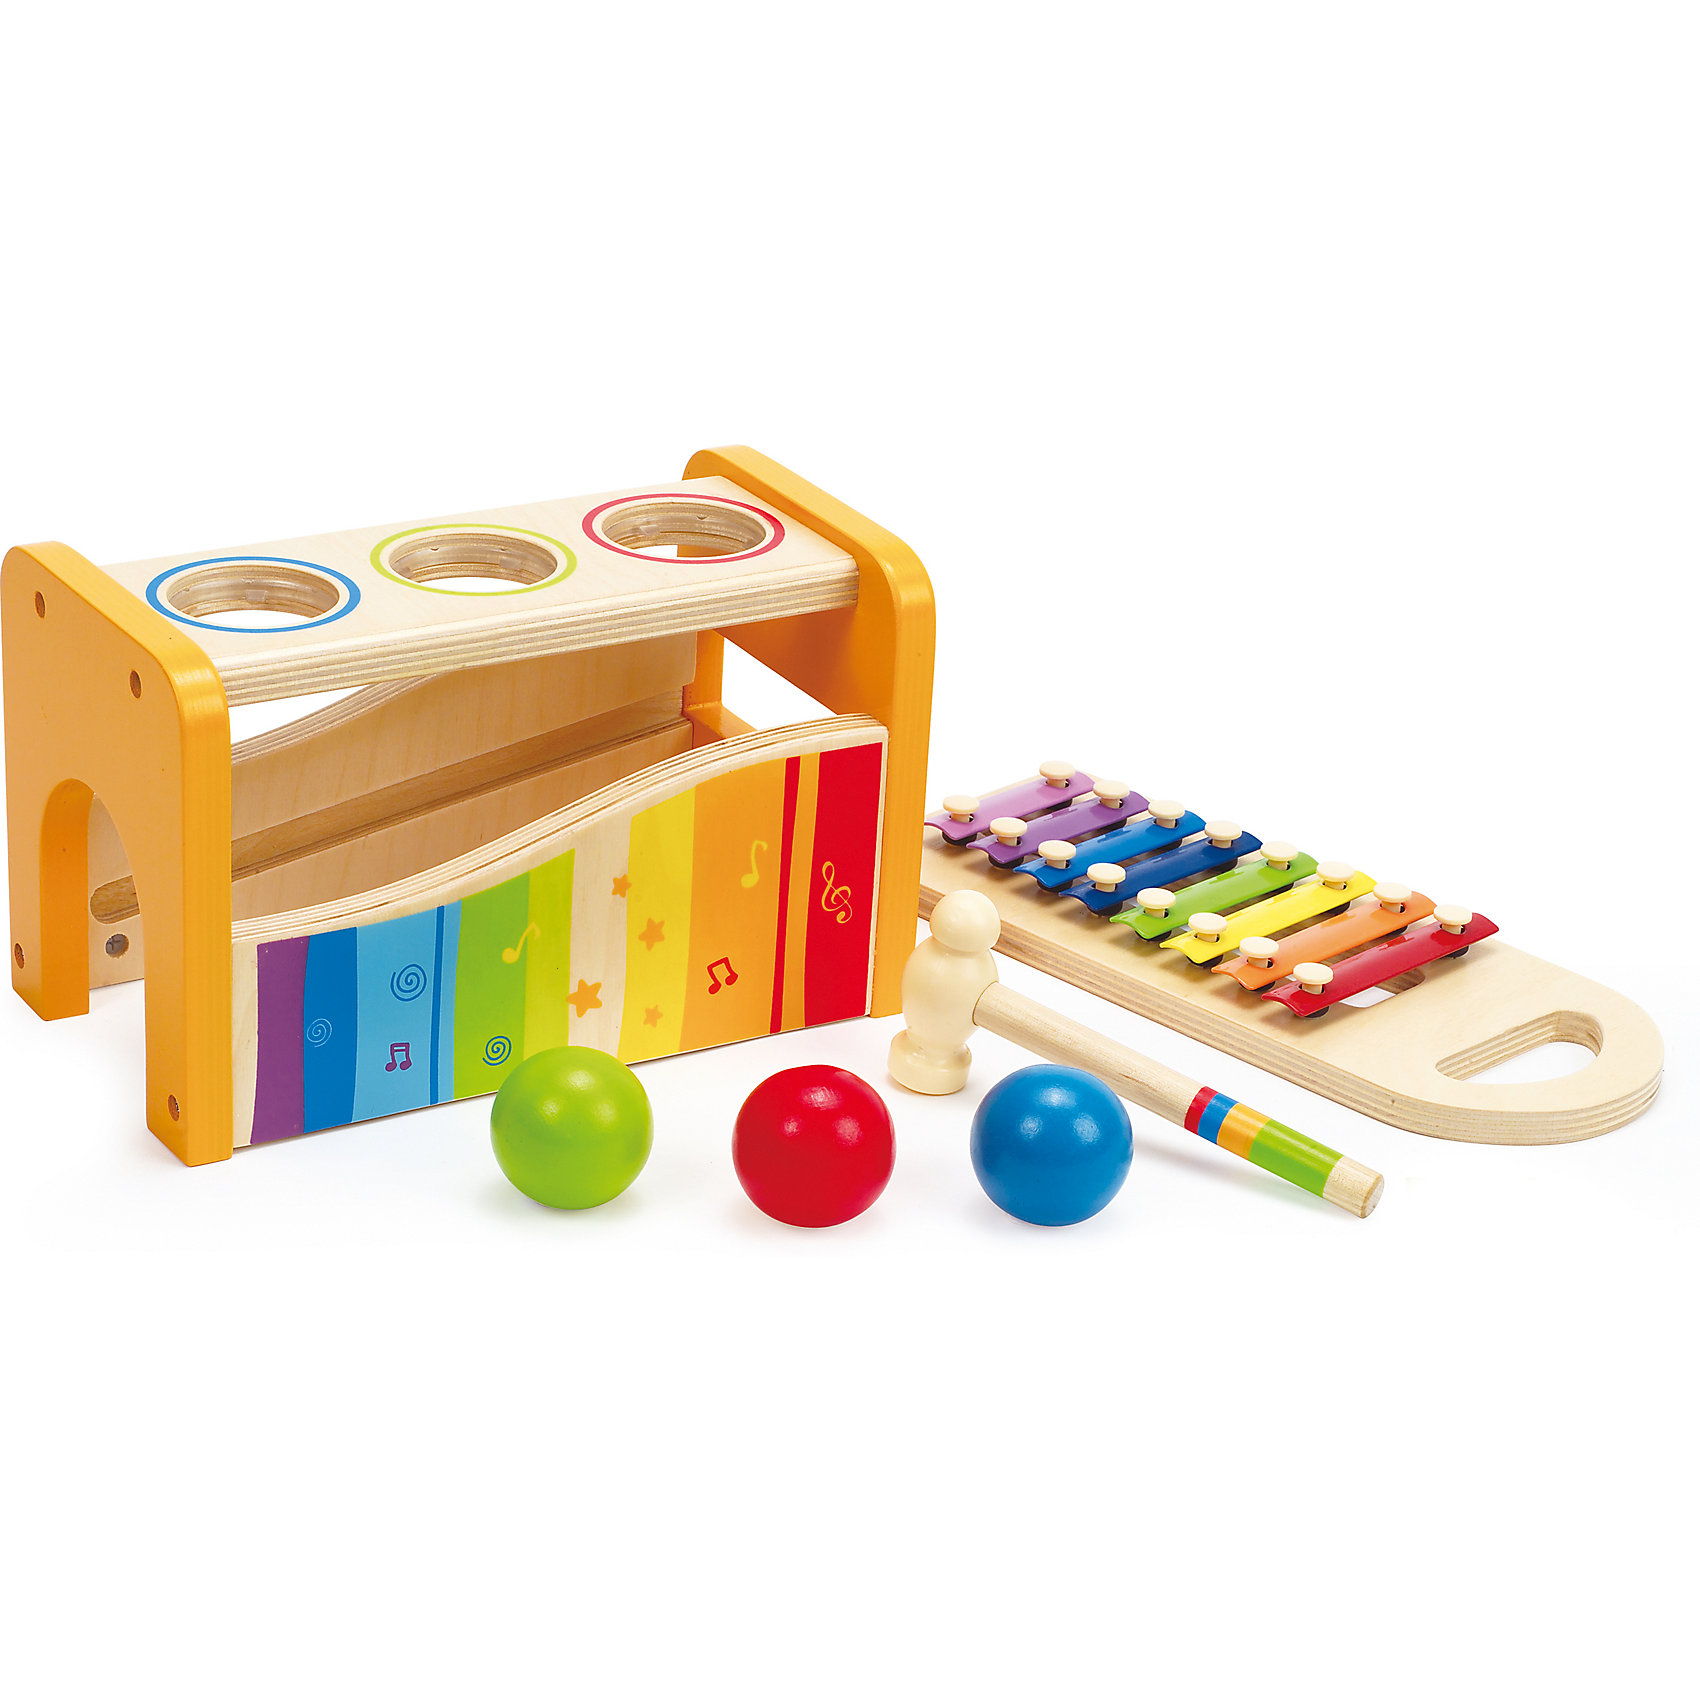 """Игрушка деревянная """"Музыкальный набор"""", Hape от myToys"""